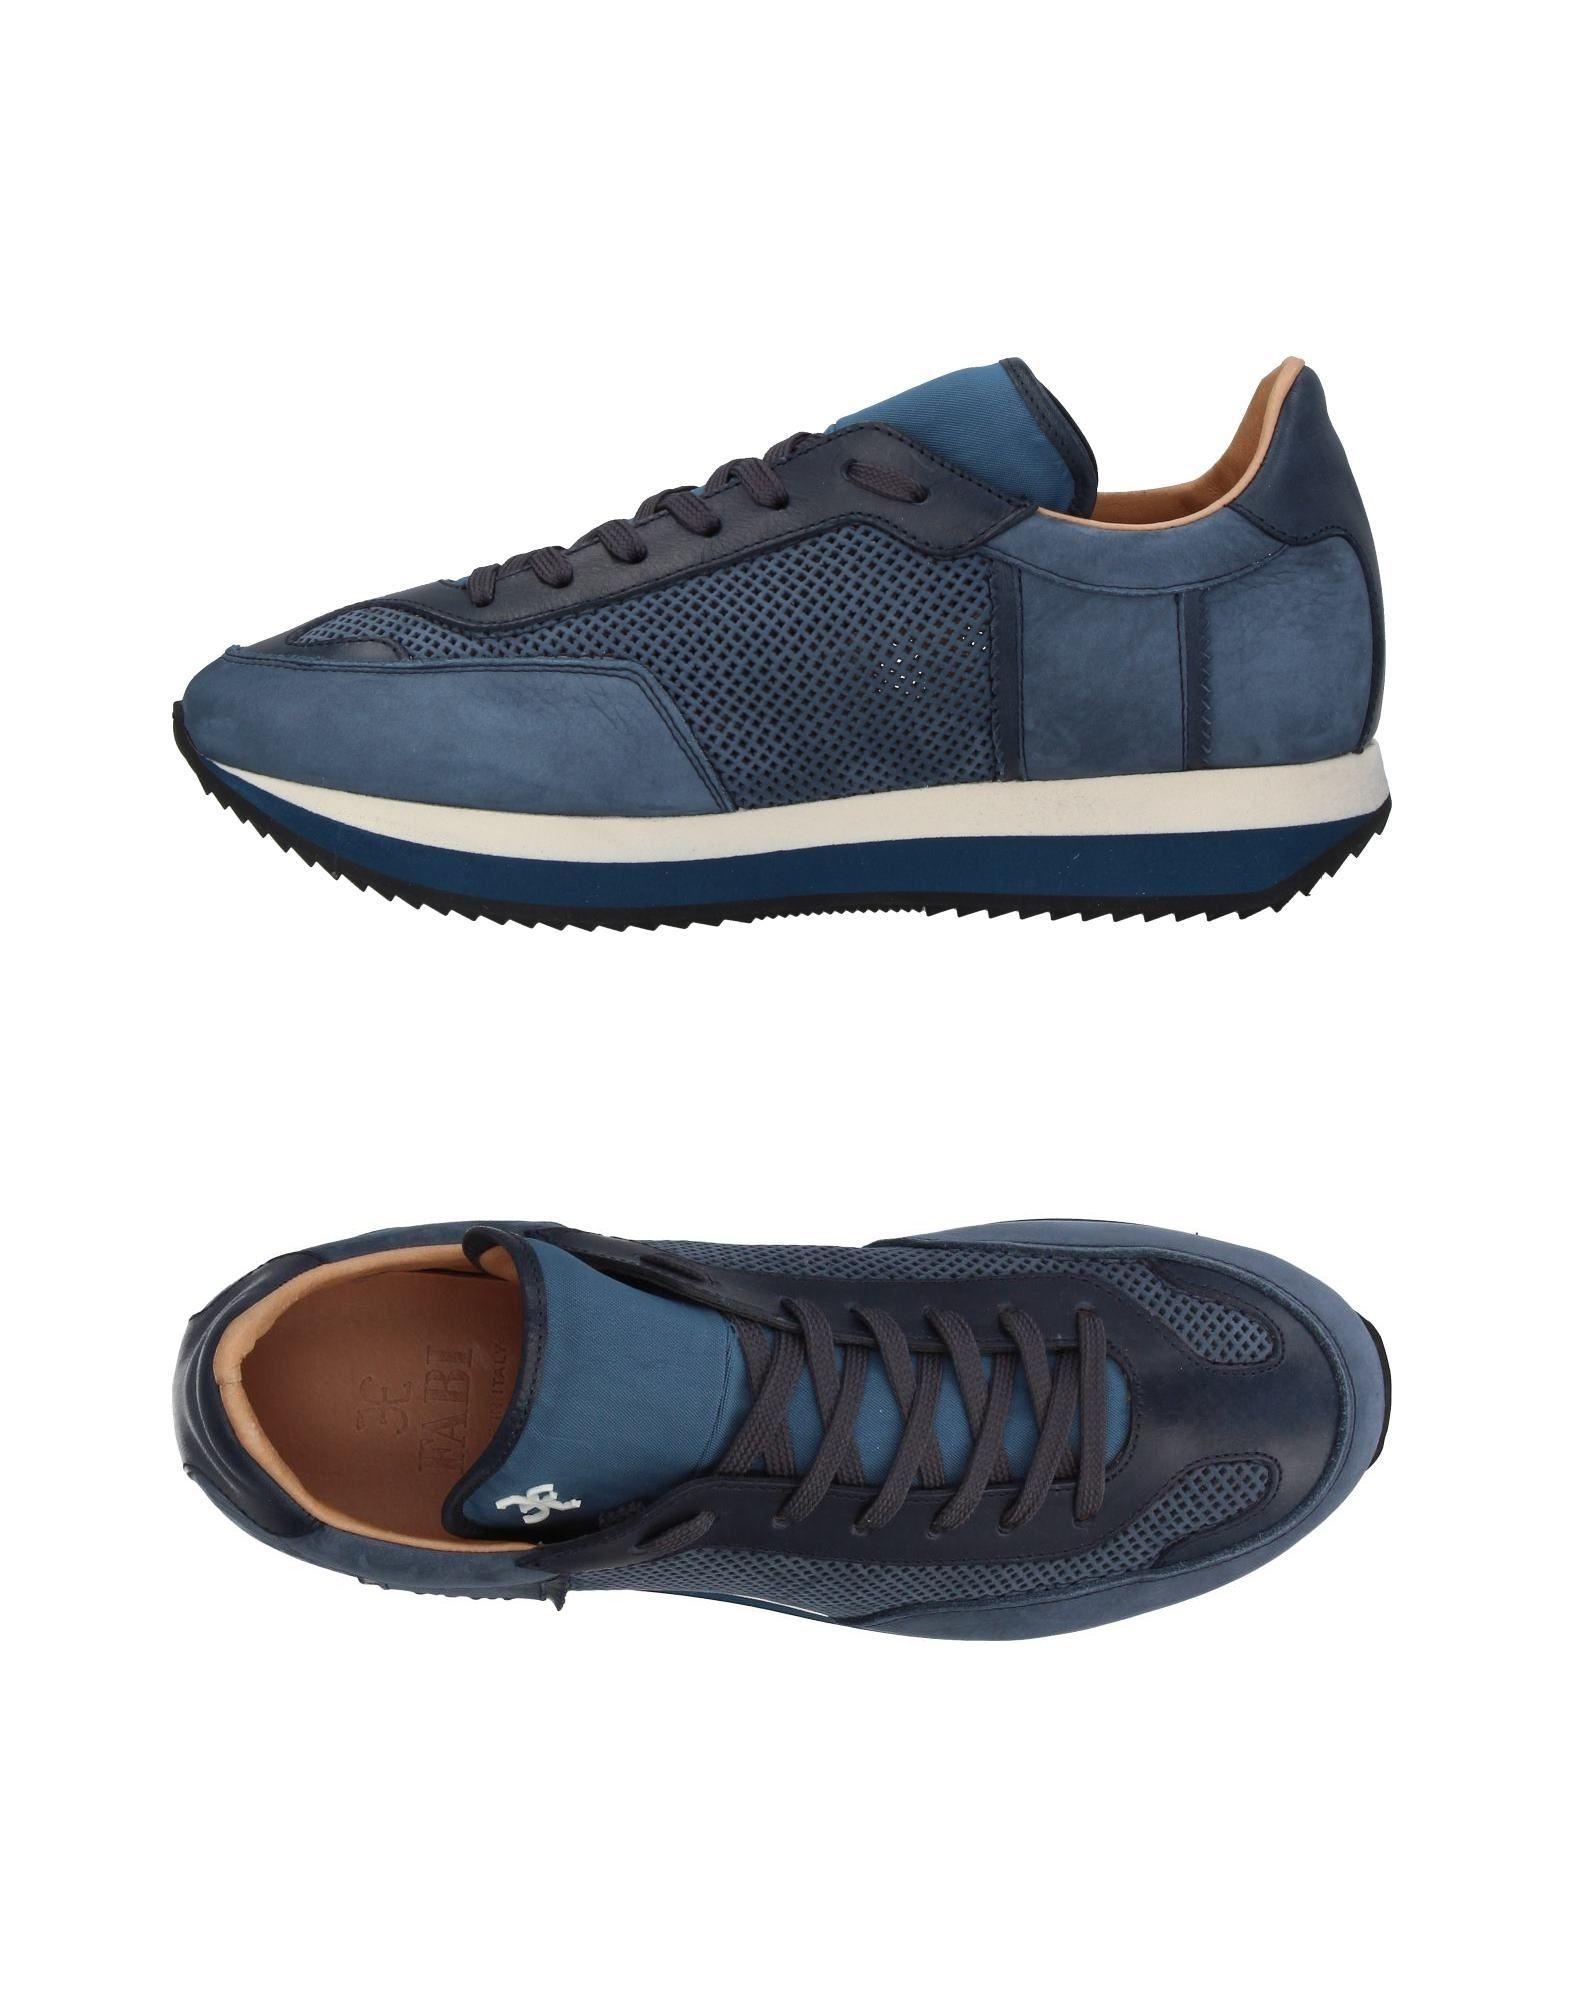 ef4d5b14eefcac Sneakers Fabi Homme - Sneakers Fabi Bleu Nouvelles chaussures pour hommes  et femmes, remise limitée